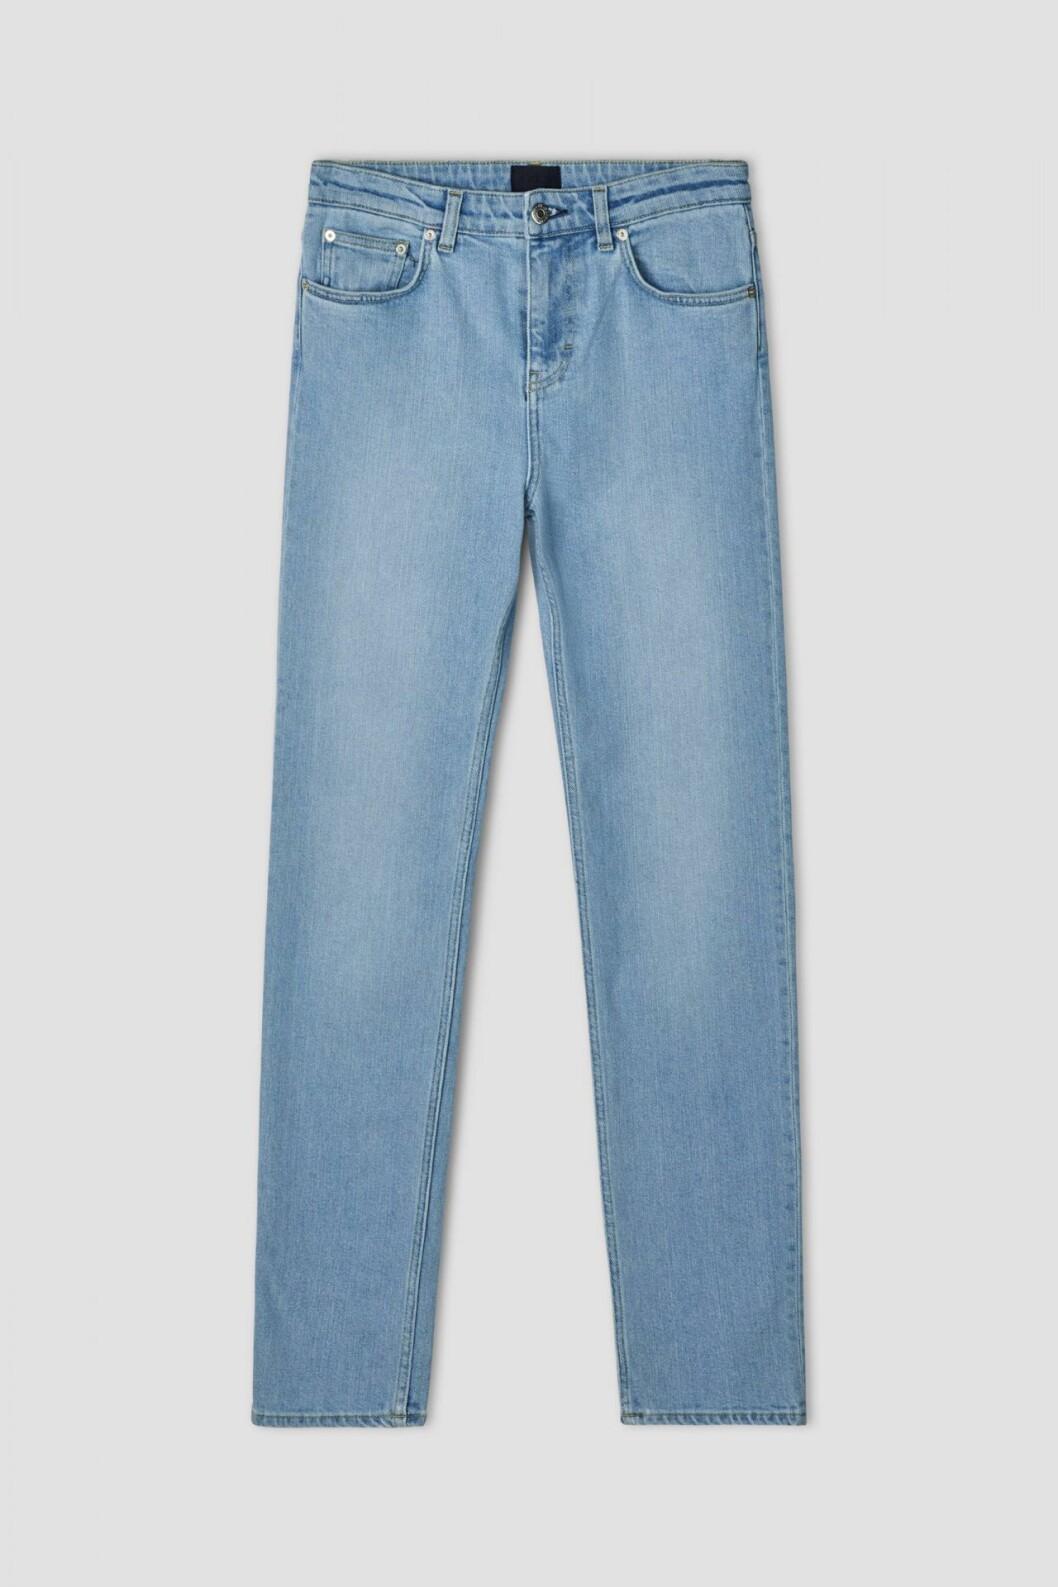 Jeans från Filippa K